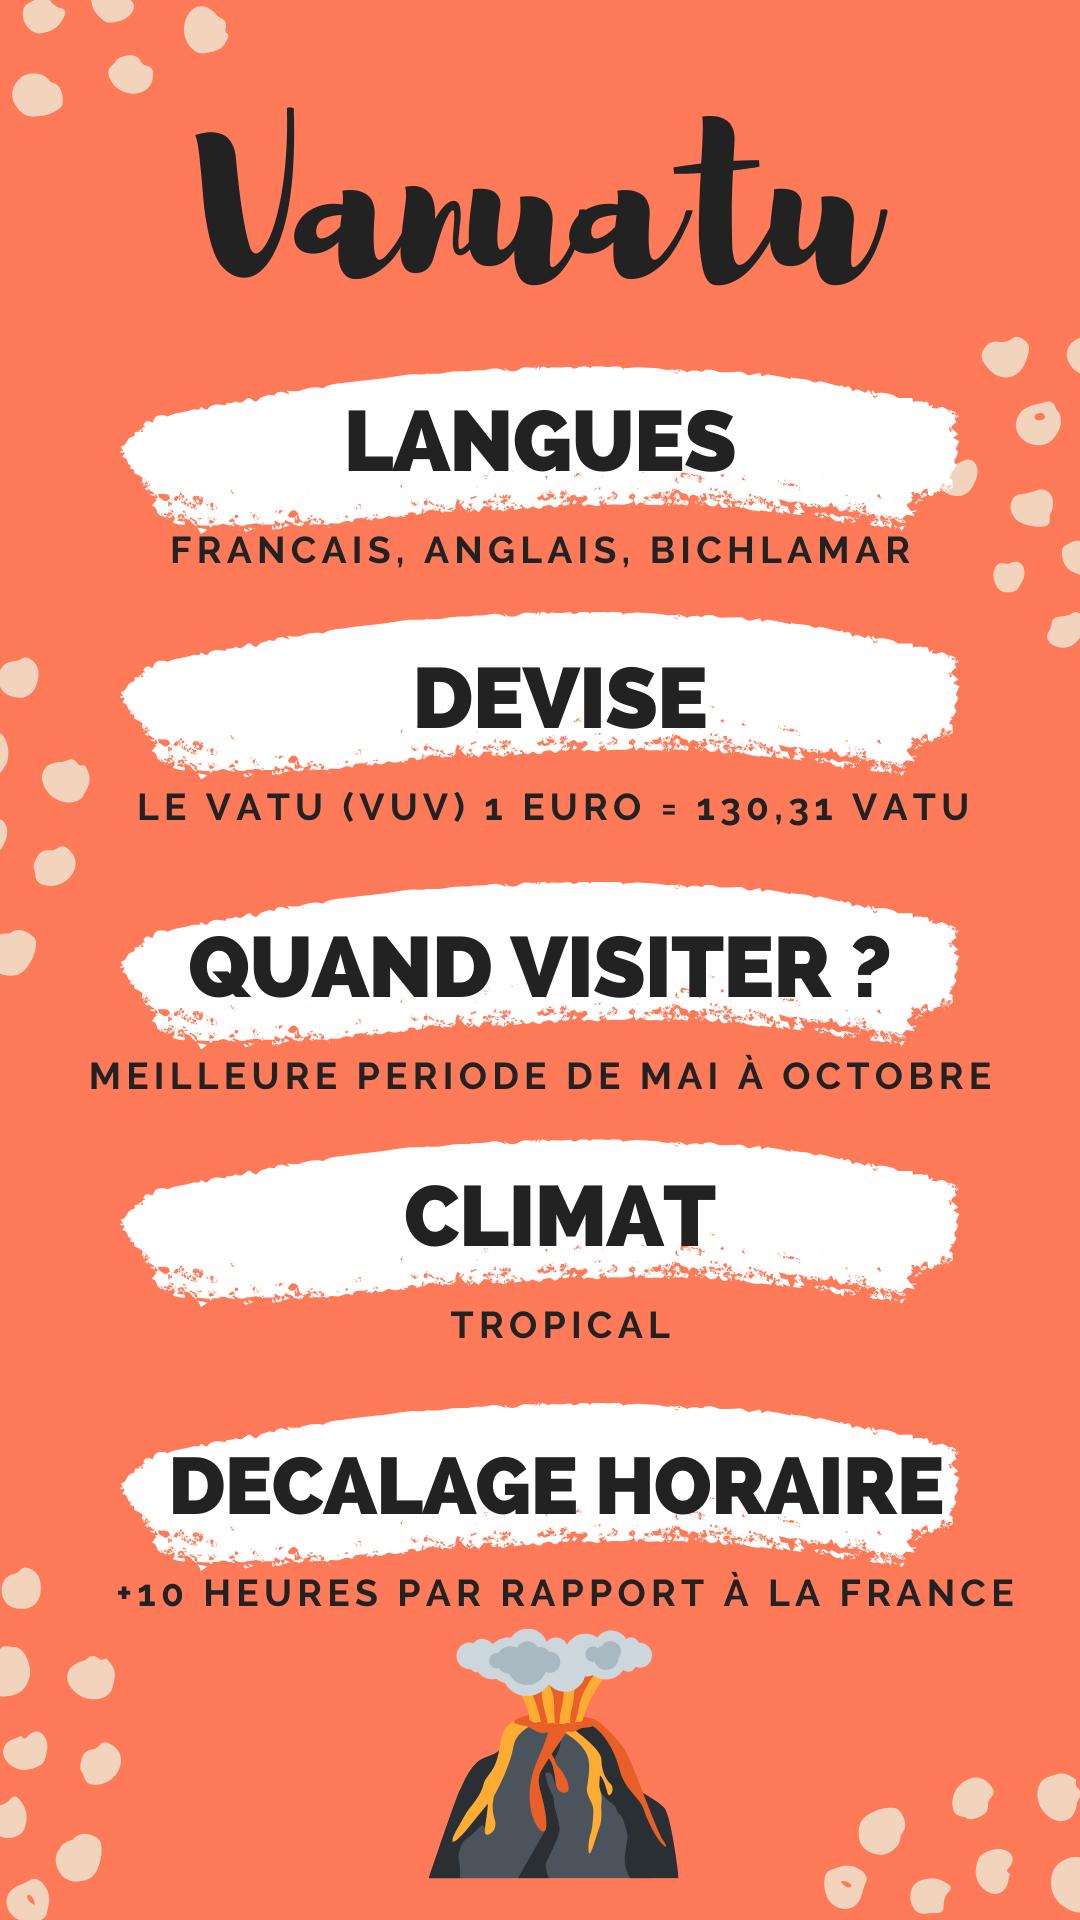 Infos pratiques sur le Vanuatu